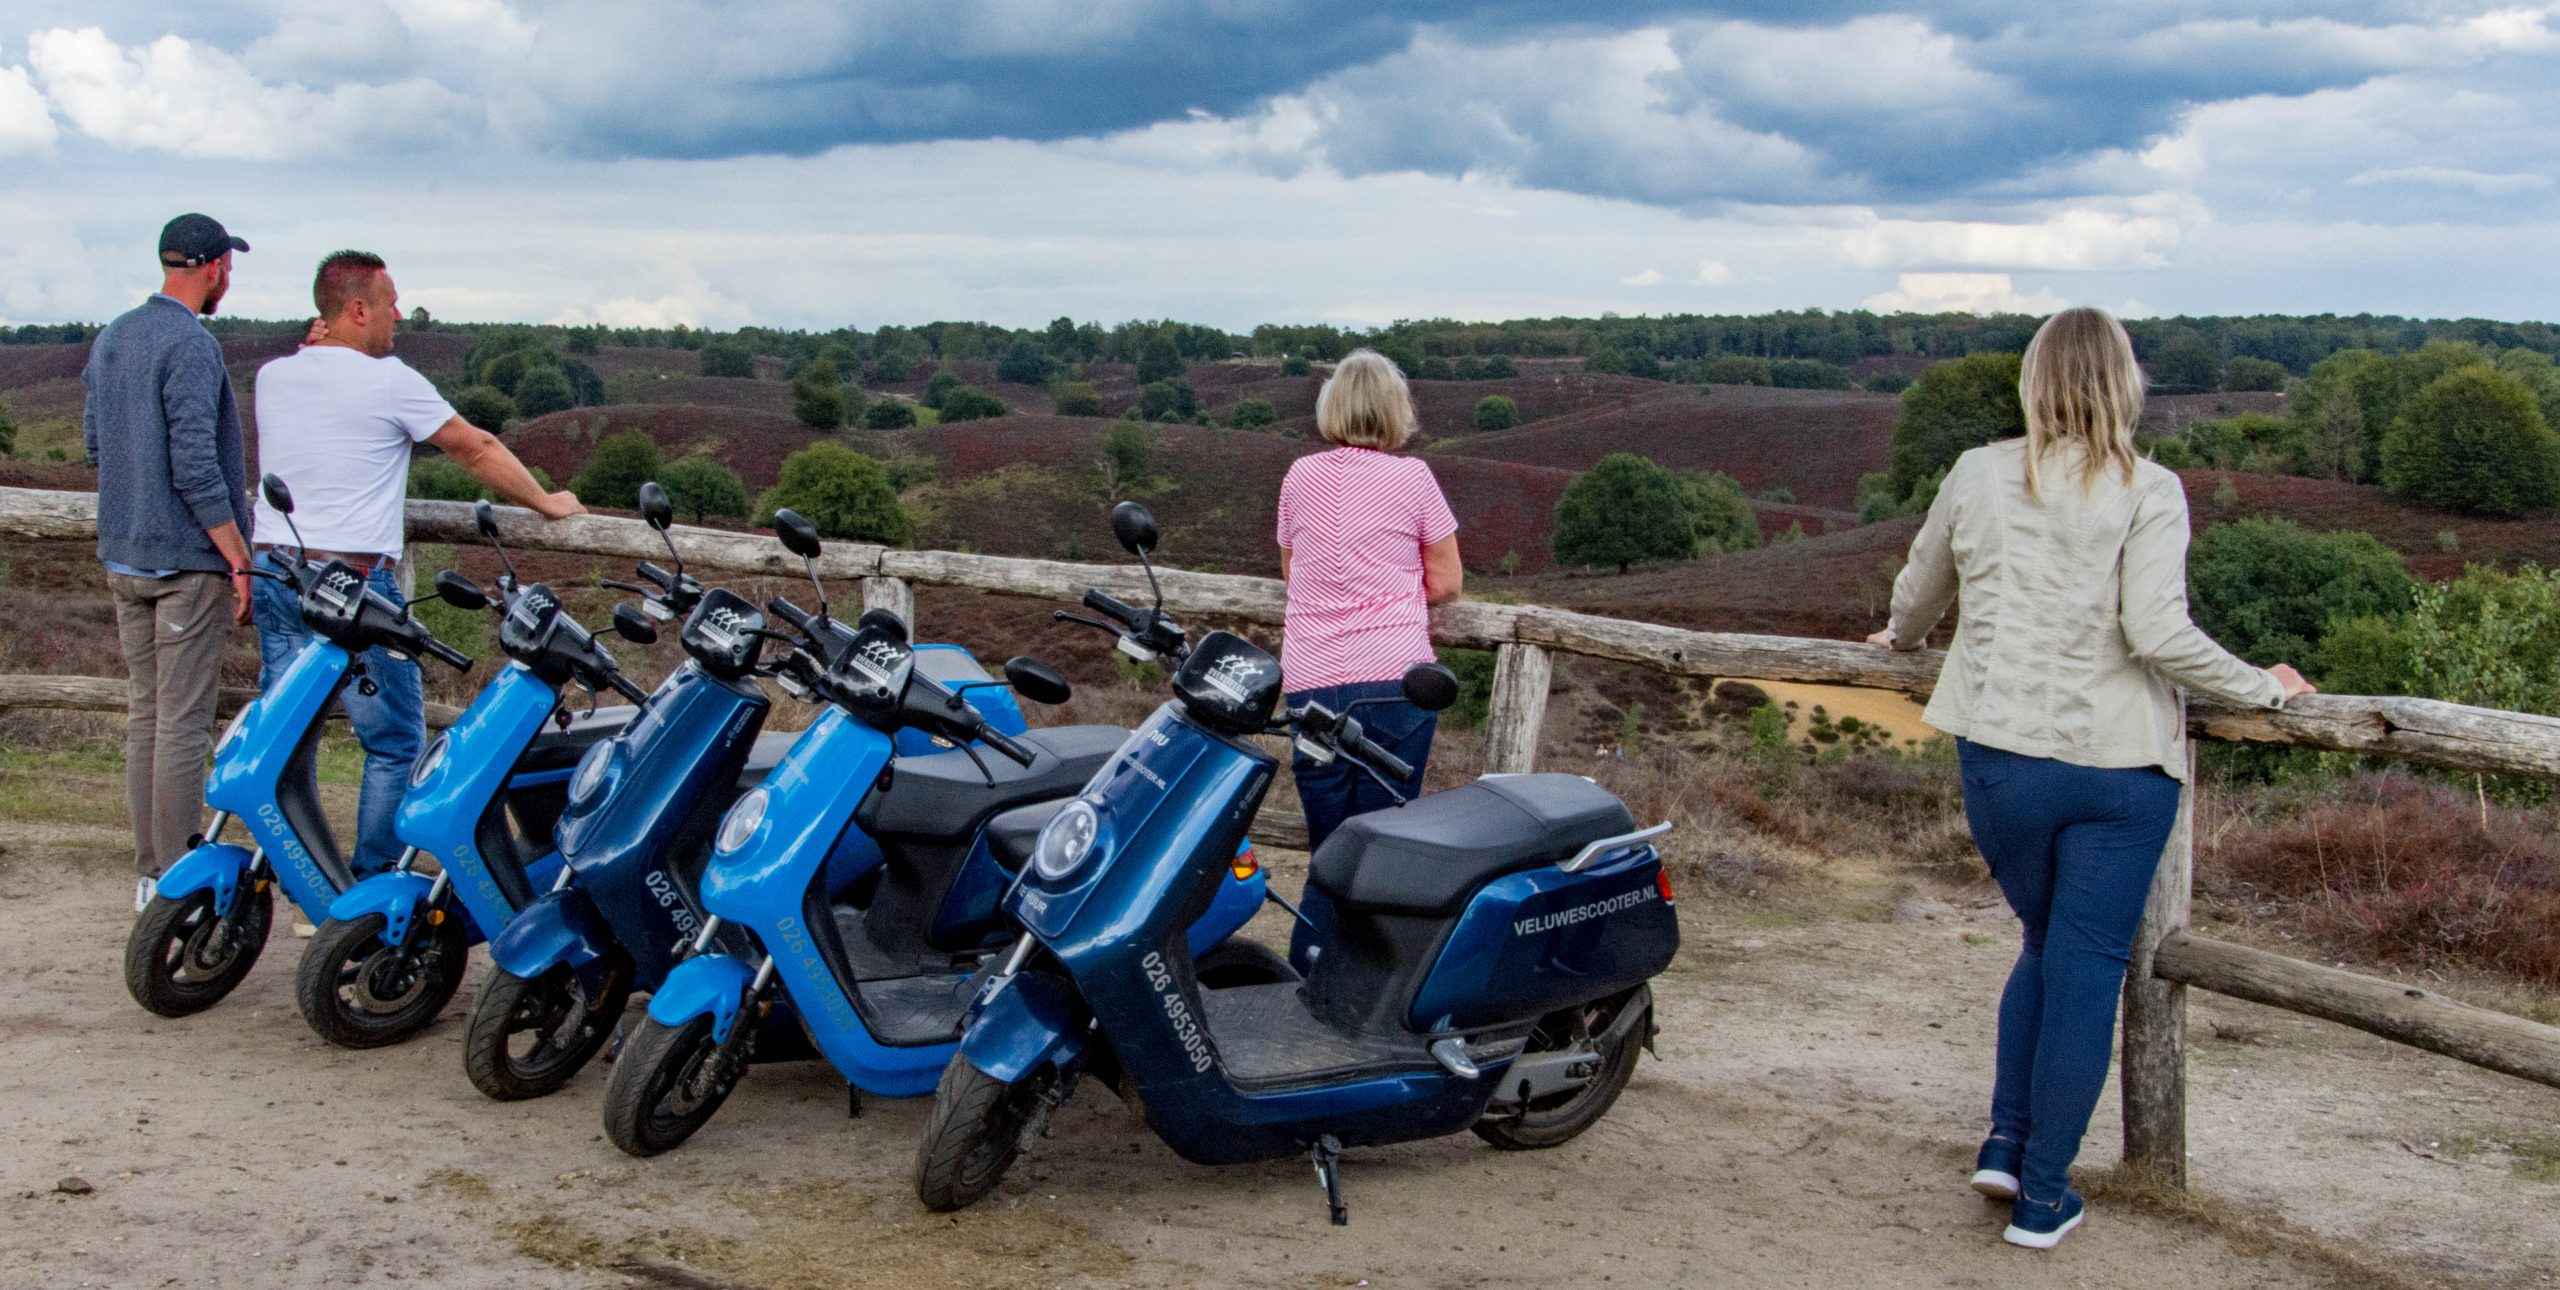 VeluweScooter met uitzicht Posbank